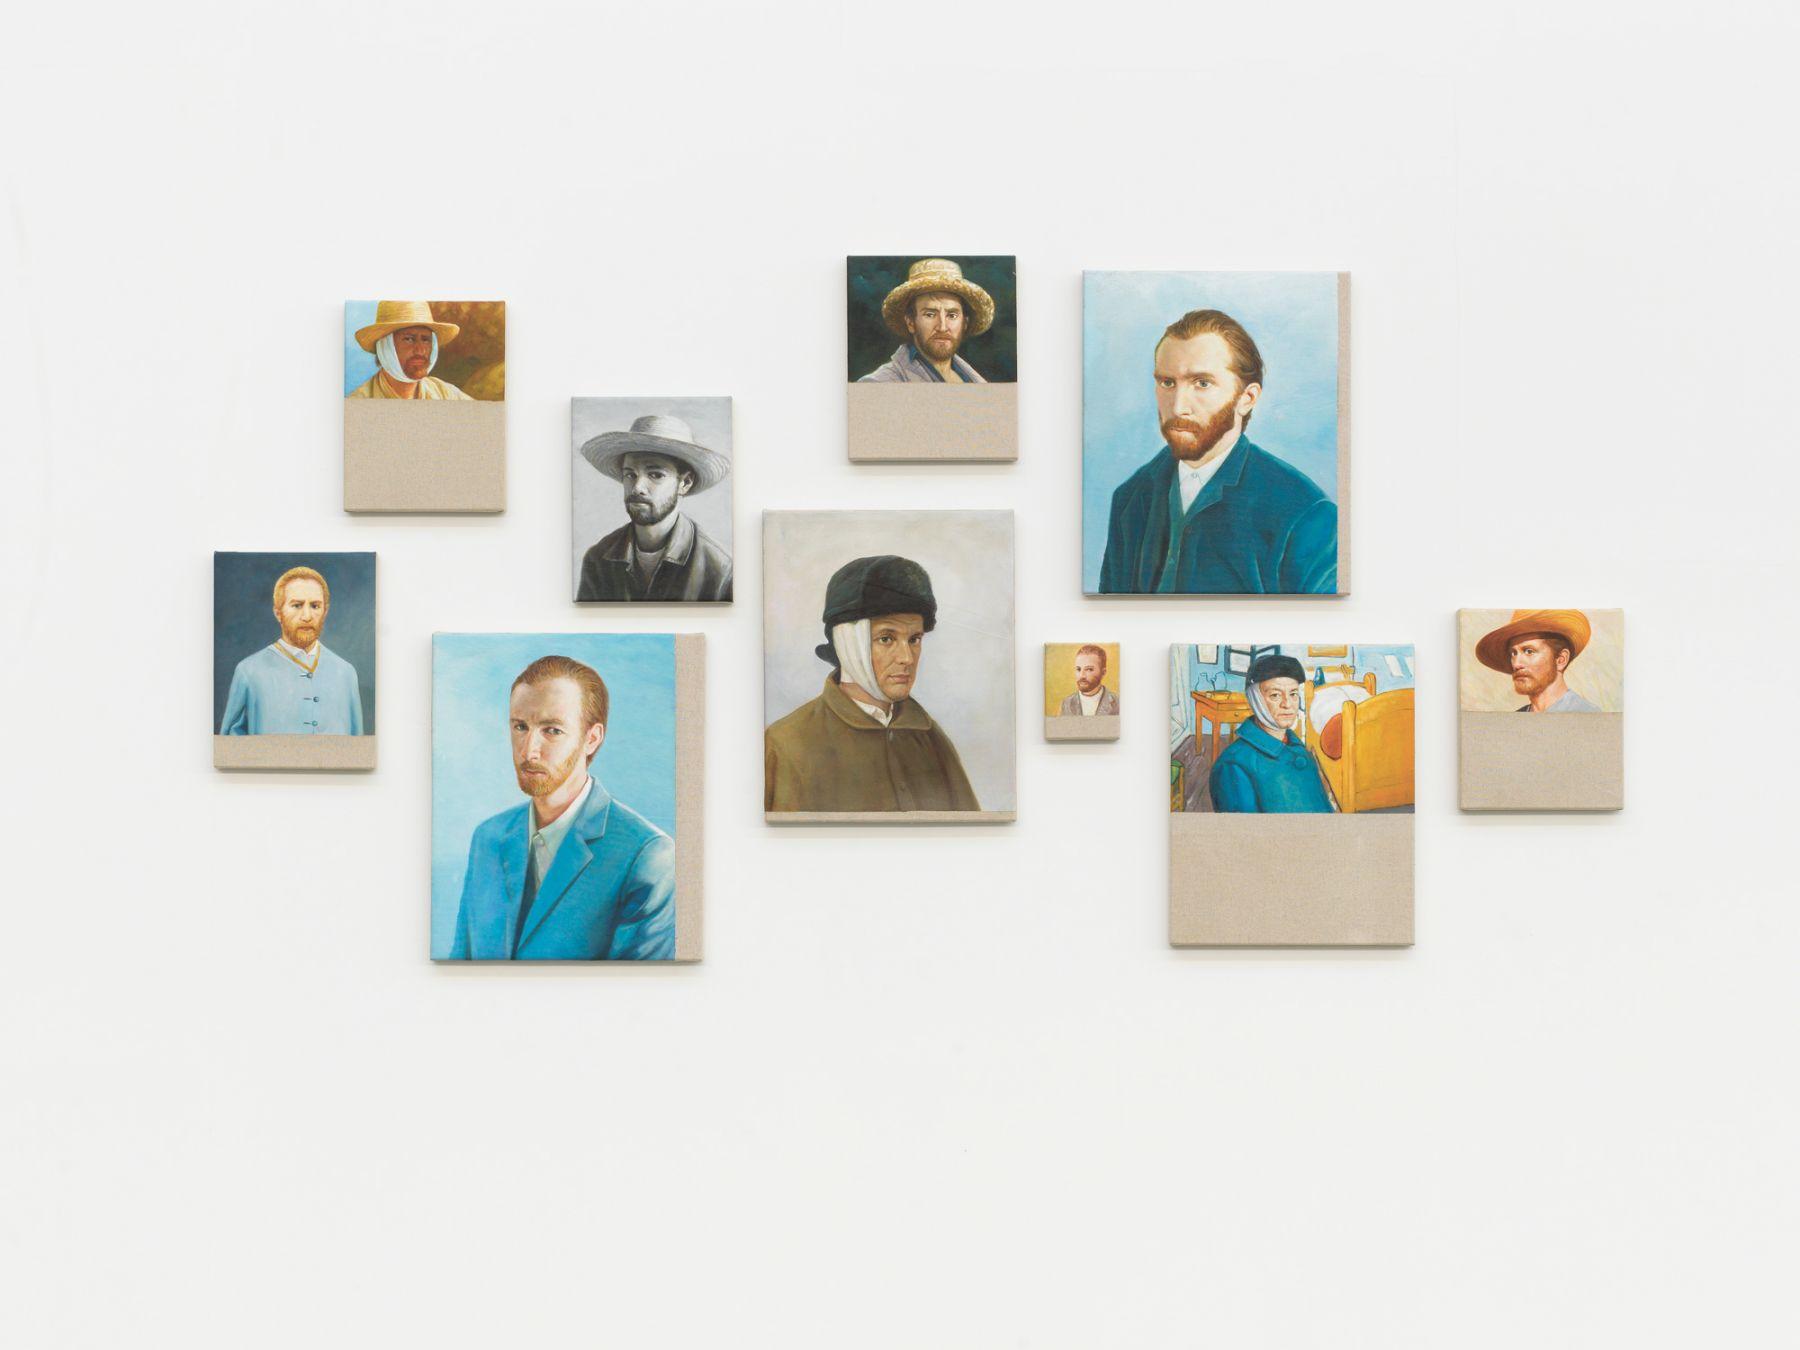 Christian Jankowski, Neue Malerei - Van Gogh